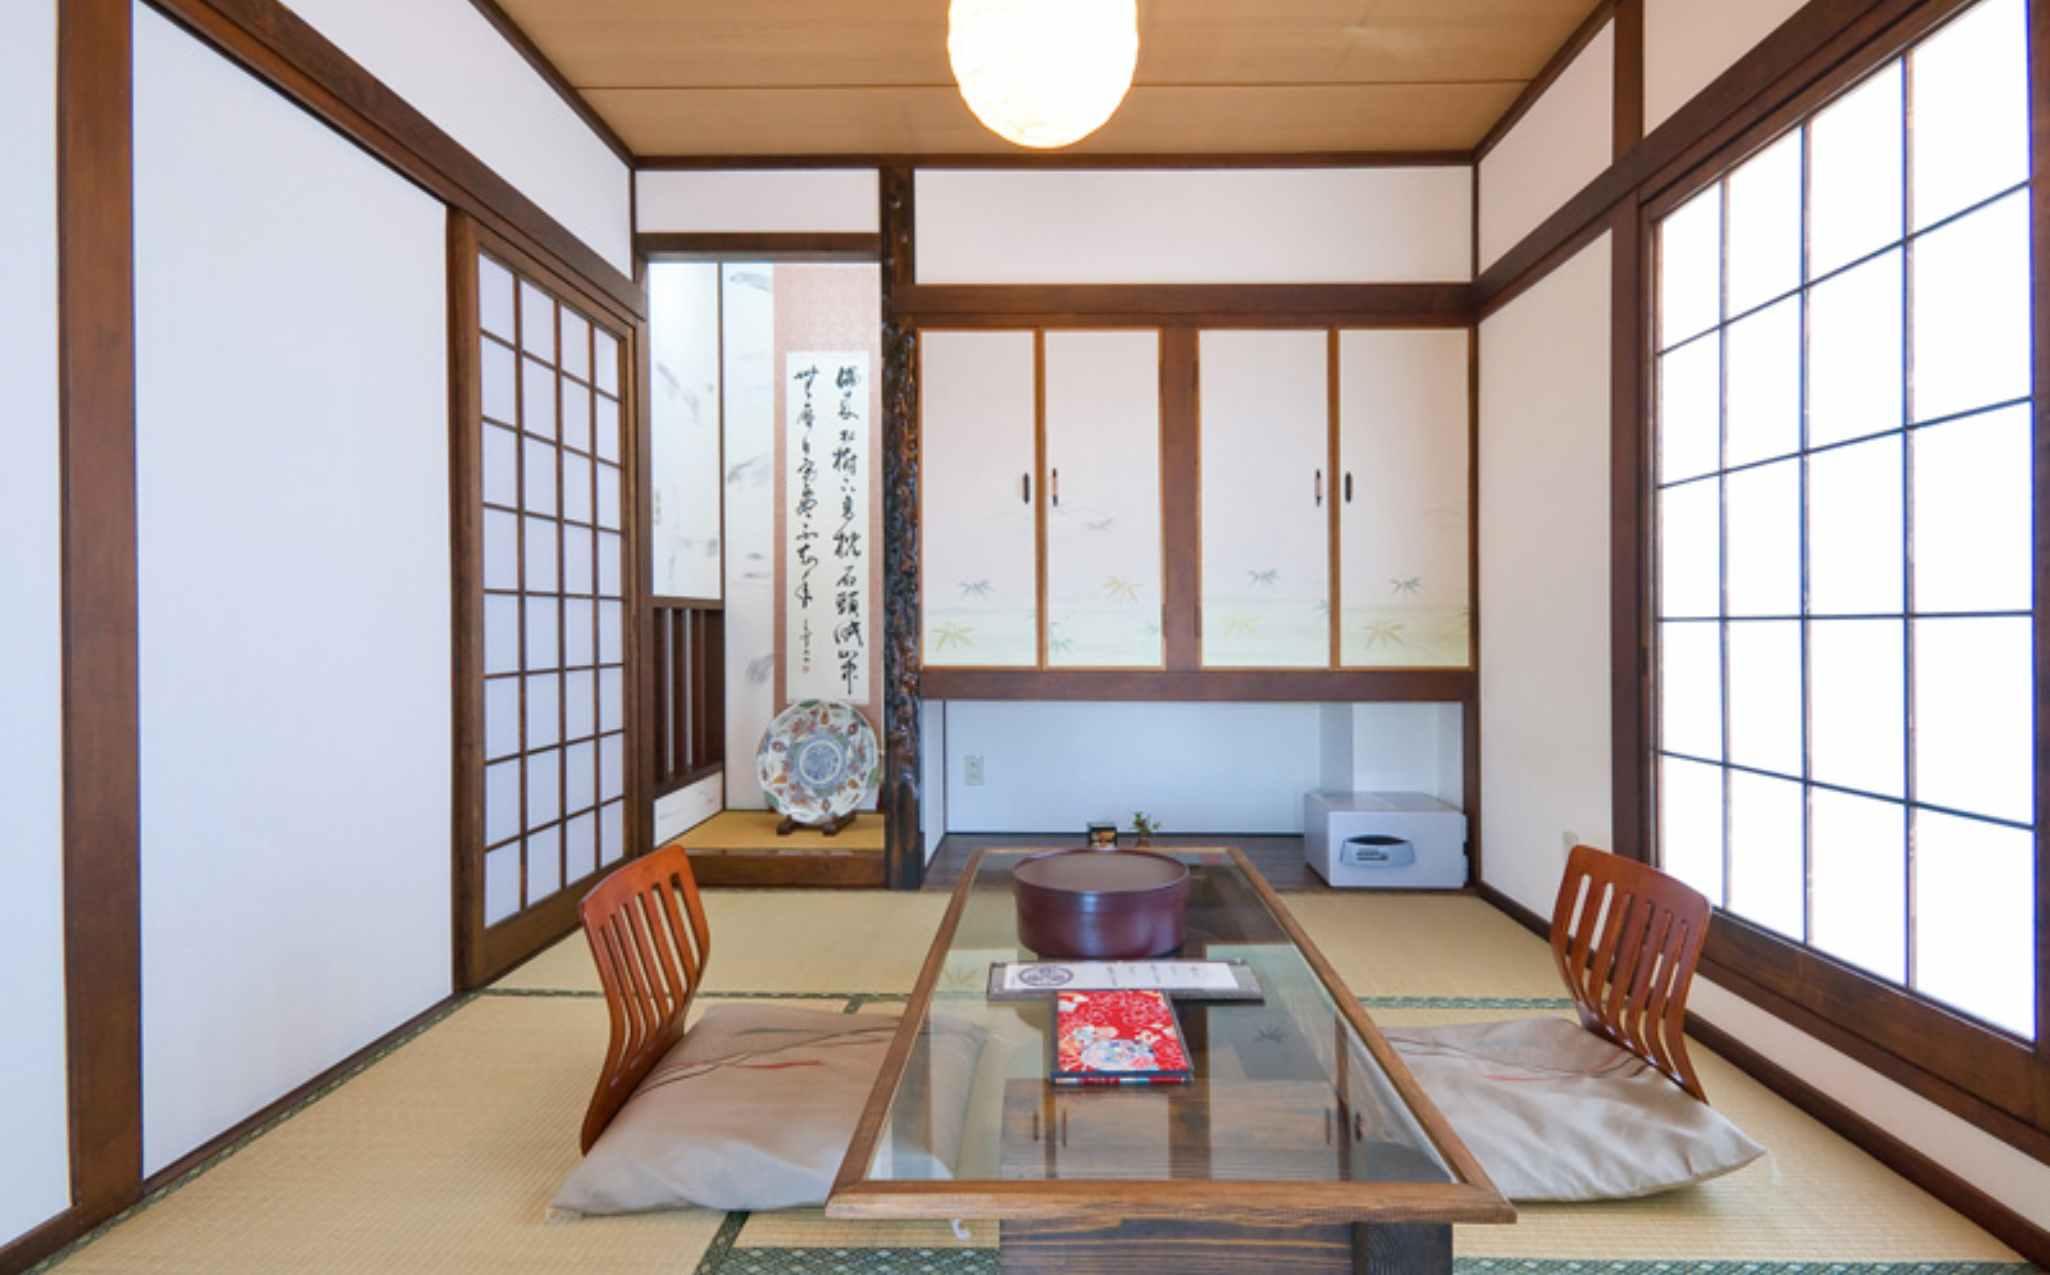 Fujimien Ryokan Room Interior